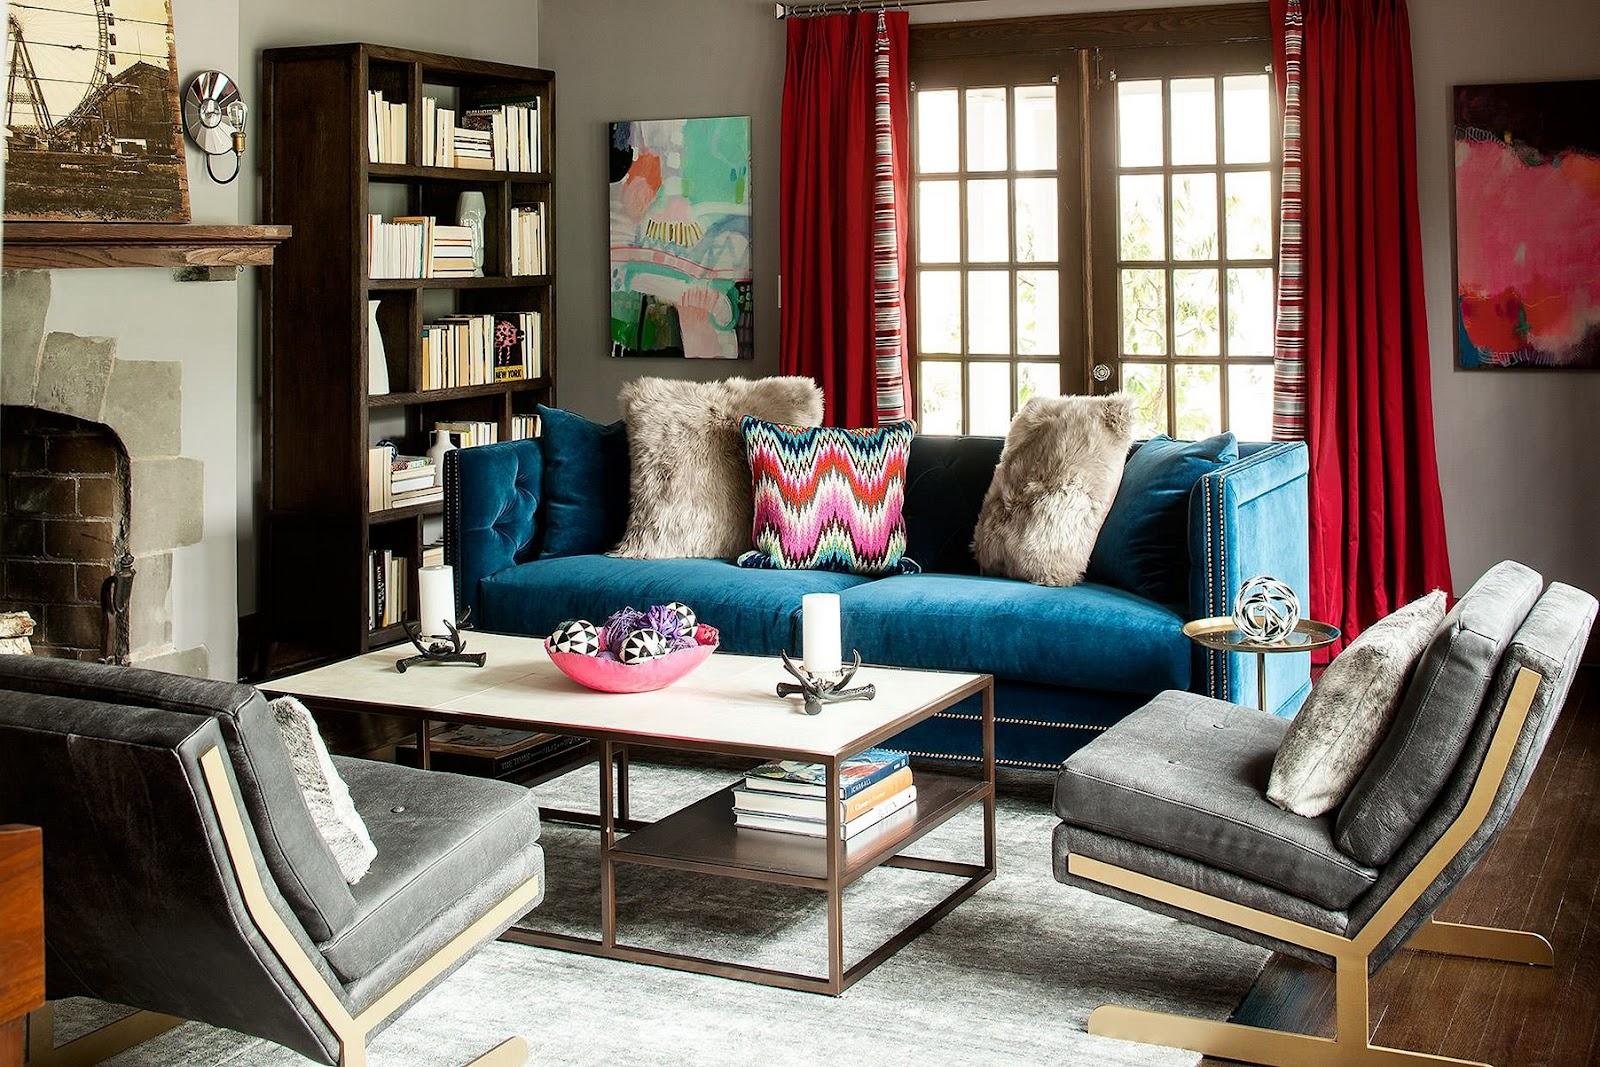 """Desain eclectic merupakan """"kanvas"""" yang membebaskan kreativitas - source: defundtheitu.org"""